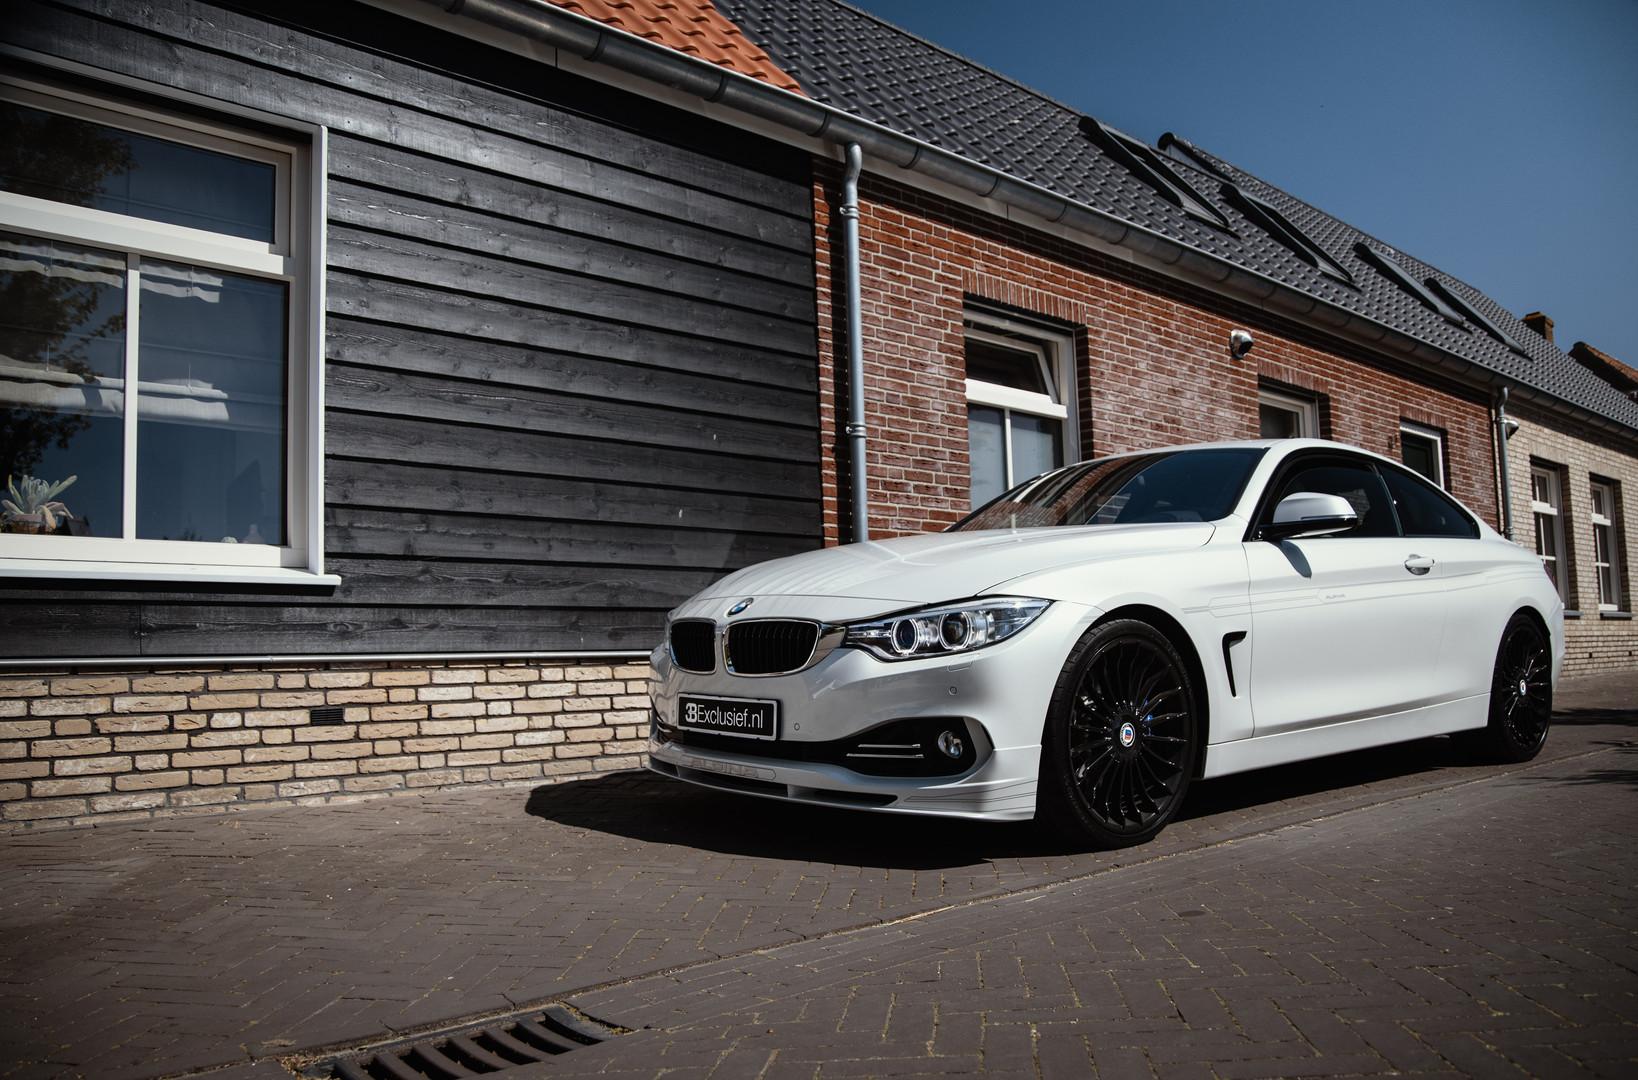 BMW zijkant 2.jpg